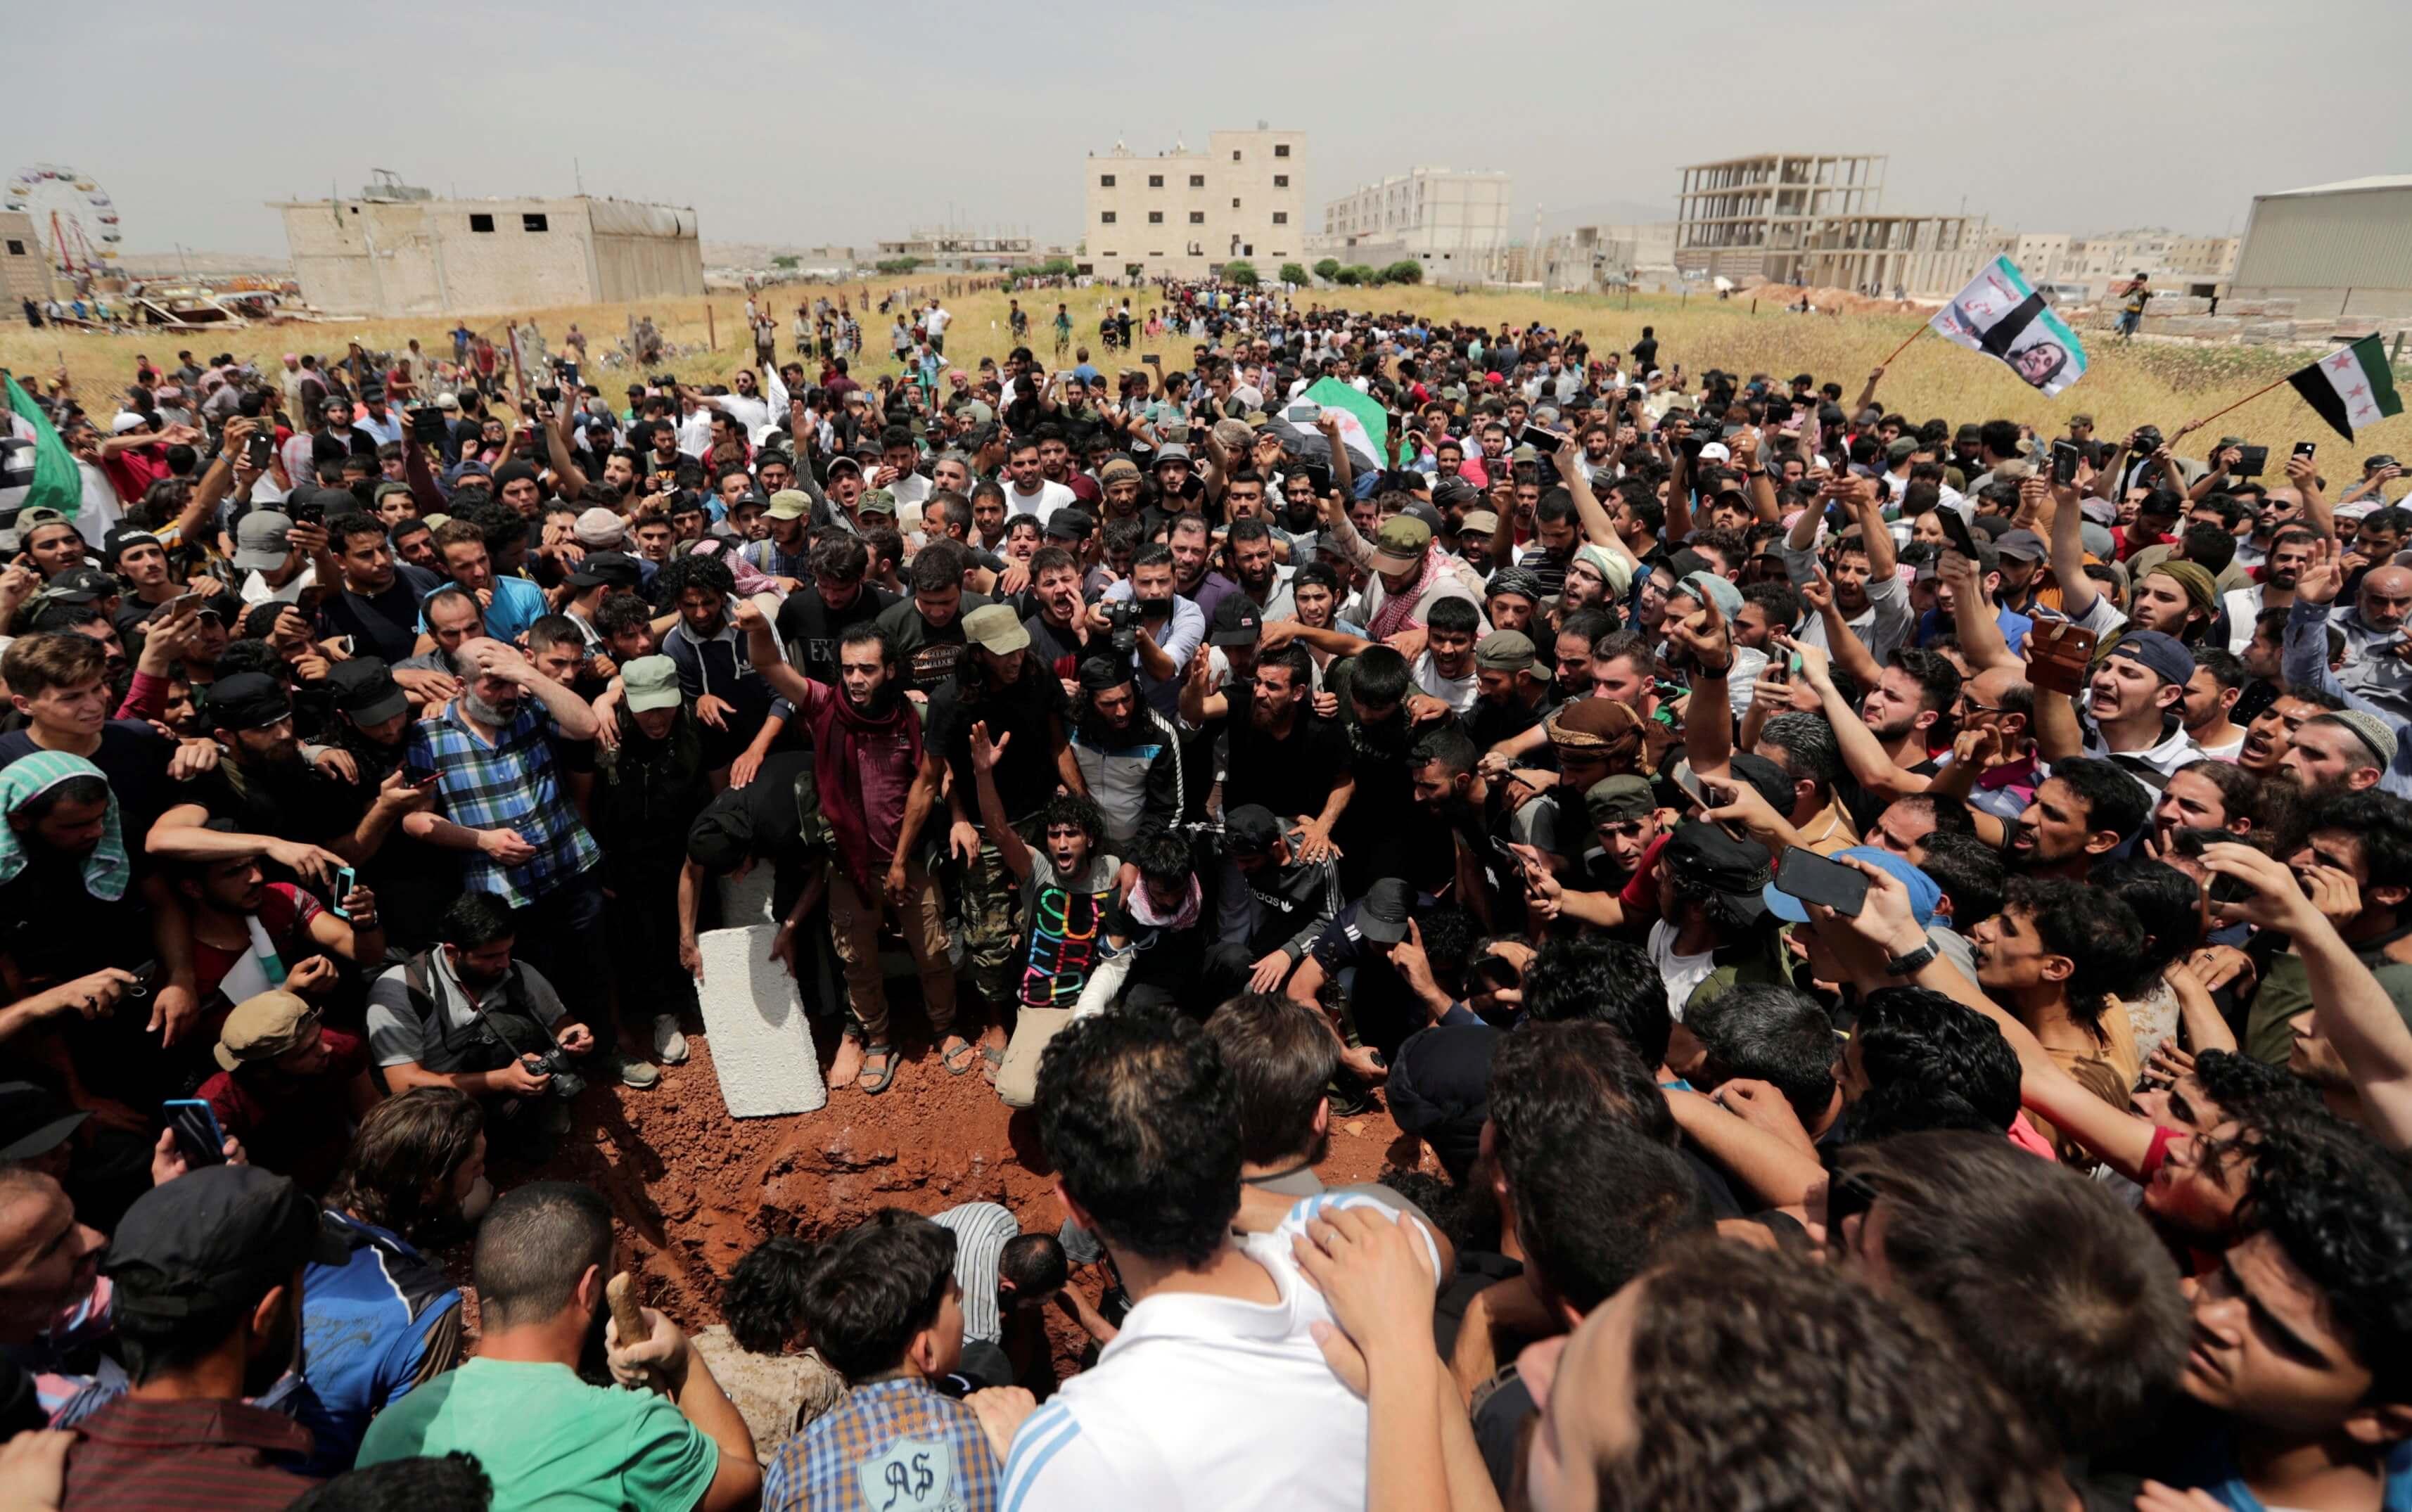 Συρία: Εκατόμβη νεκρών στο Ιντλίμπ σε μία και μόνο μέρα!